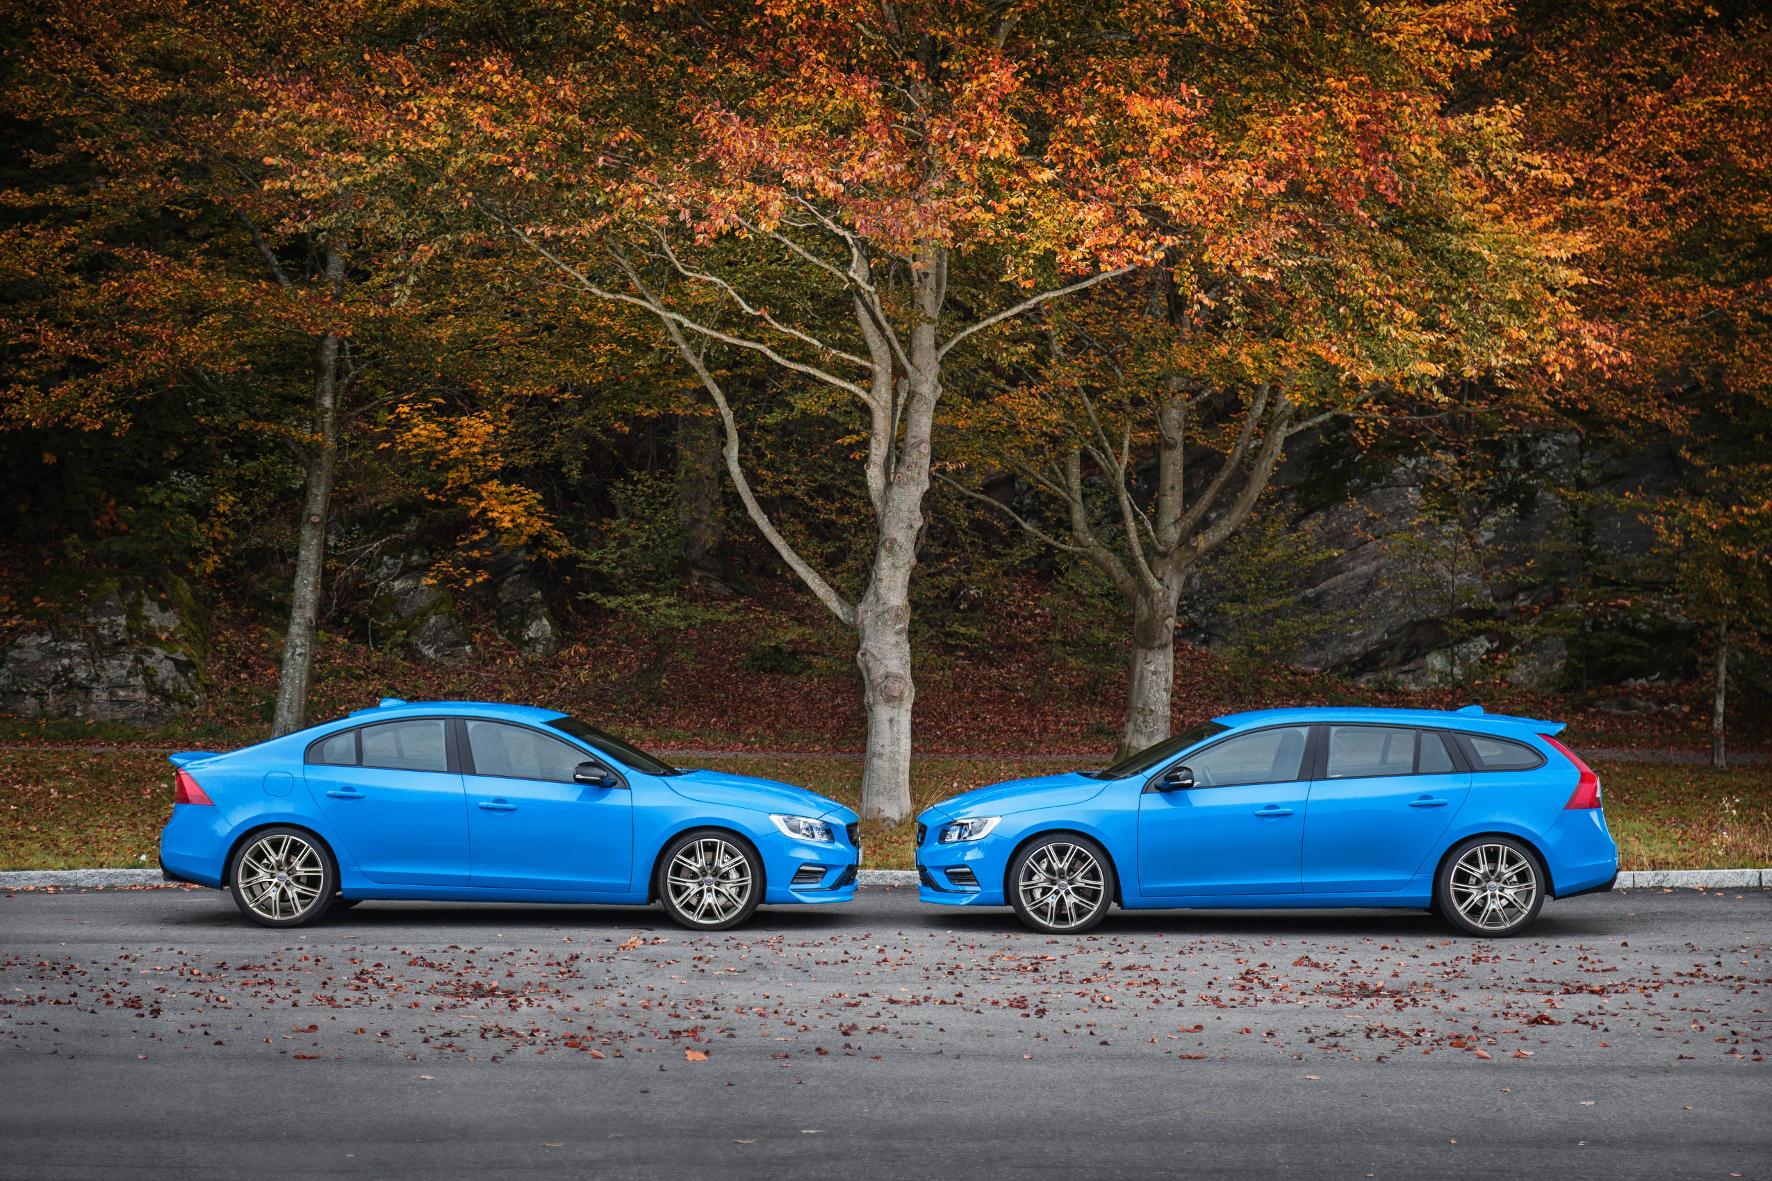 mid Groß-Gerau - Schnelle Volvos: Die Polestar-Versionen von S60 und V60 sind die schnellsten Modelle der Unternehmensgeschichte, sagt Volvo.